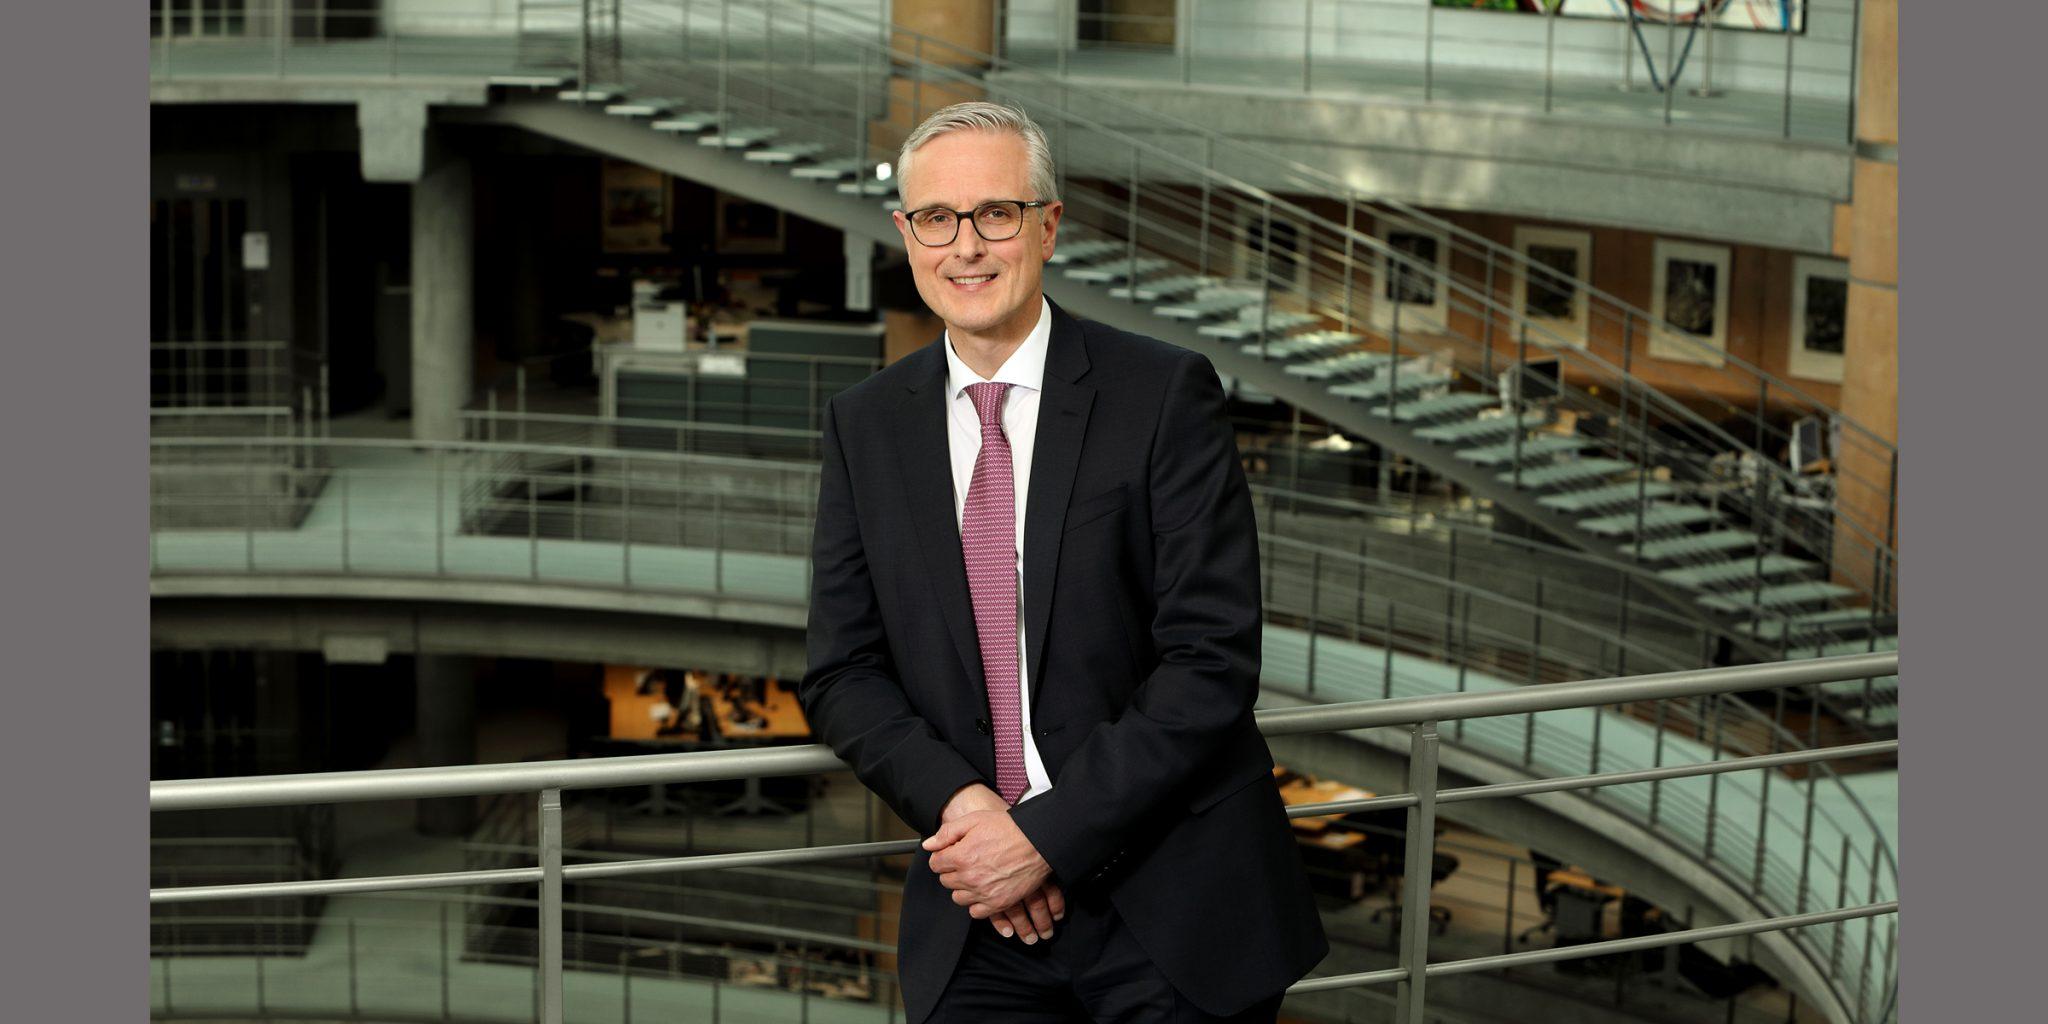 Farbportrait von einem Mann mit dunkler Brille und souveränem Lächeln, der in elegantem Business-Anzug vor einem Gebäude (Deutsche Bank Luxemburg) mit Treppen posiert.